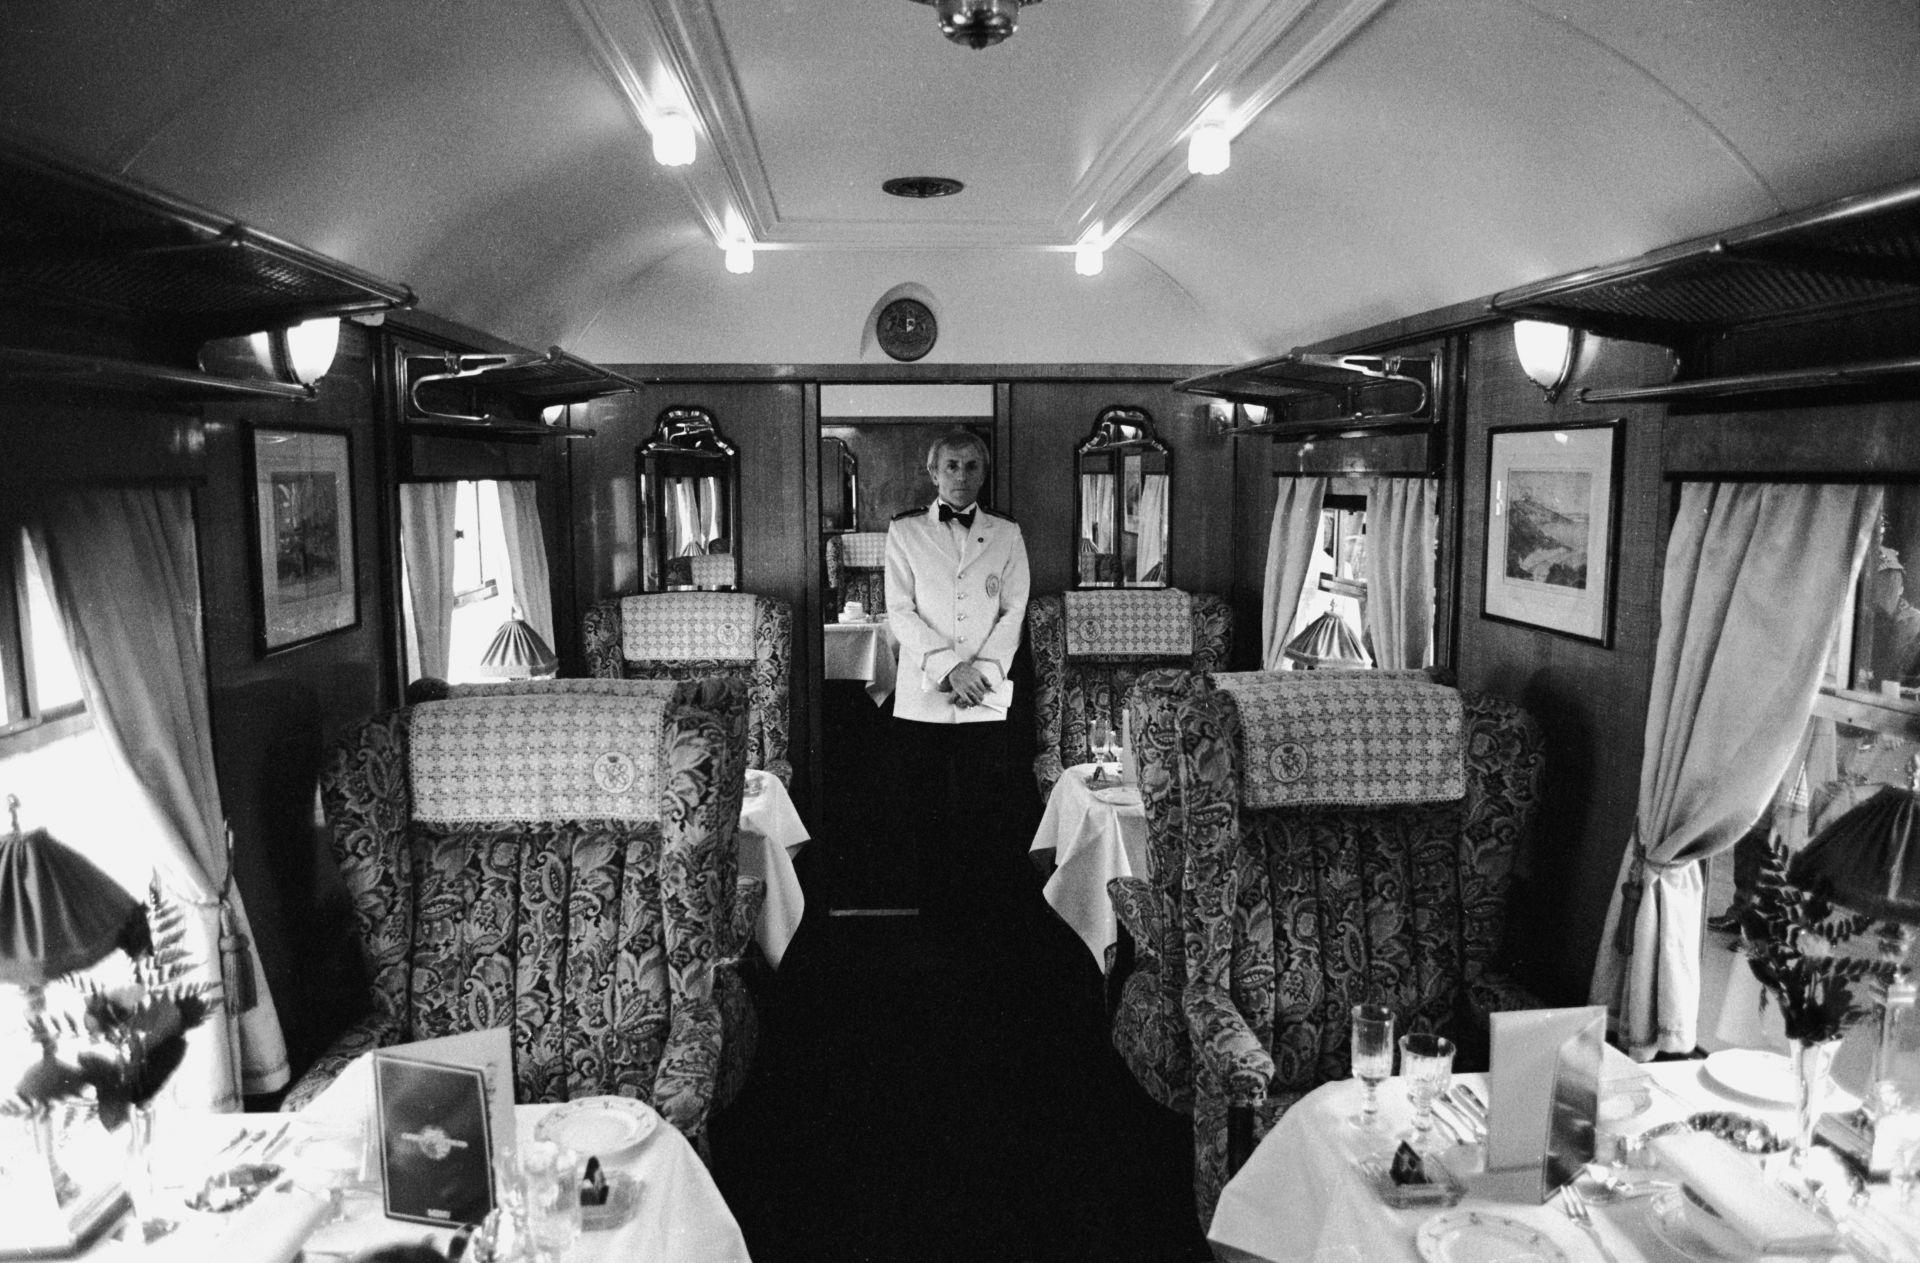 Барман подготвя чаши с вода за пътниците при отпътуването през май, 2000 година